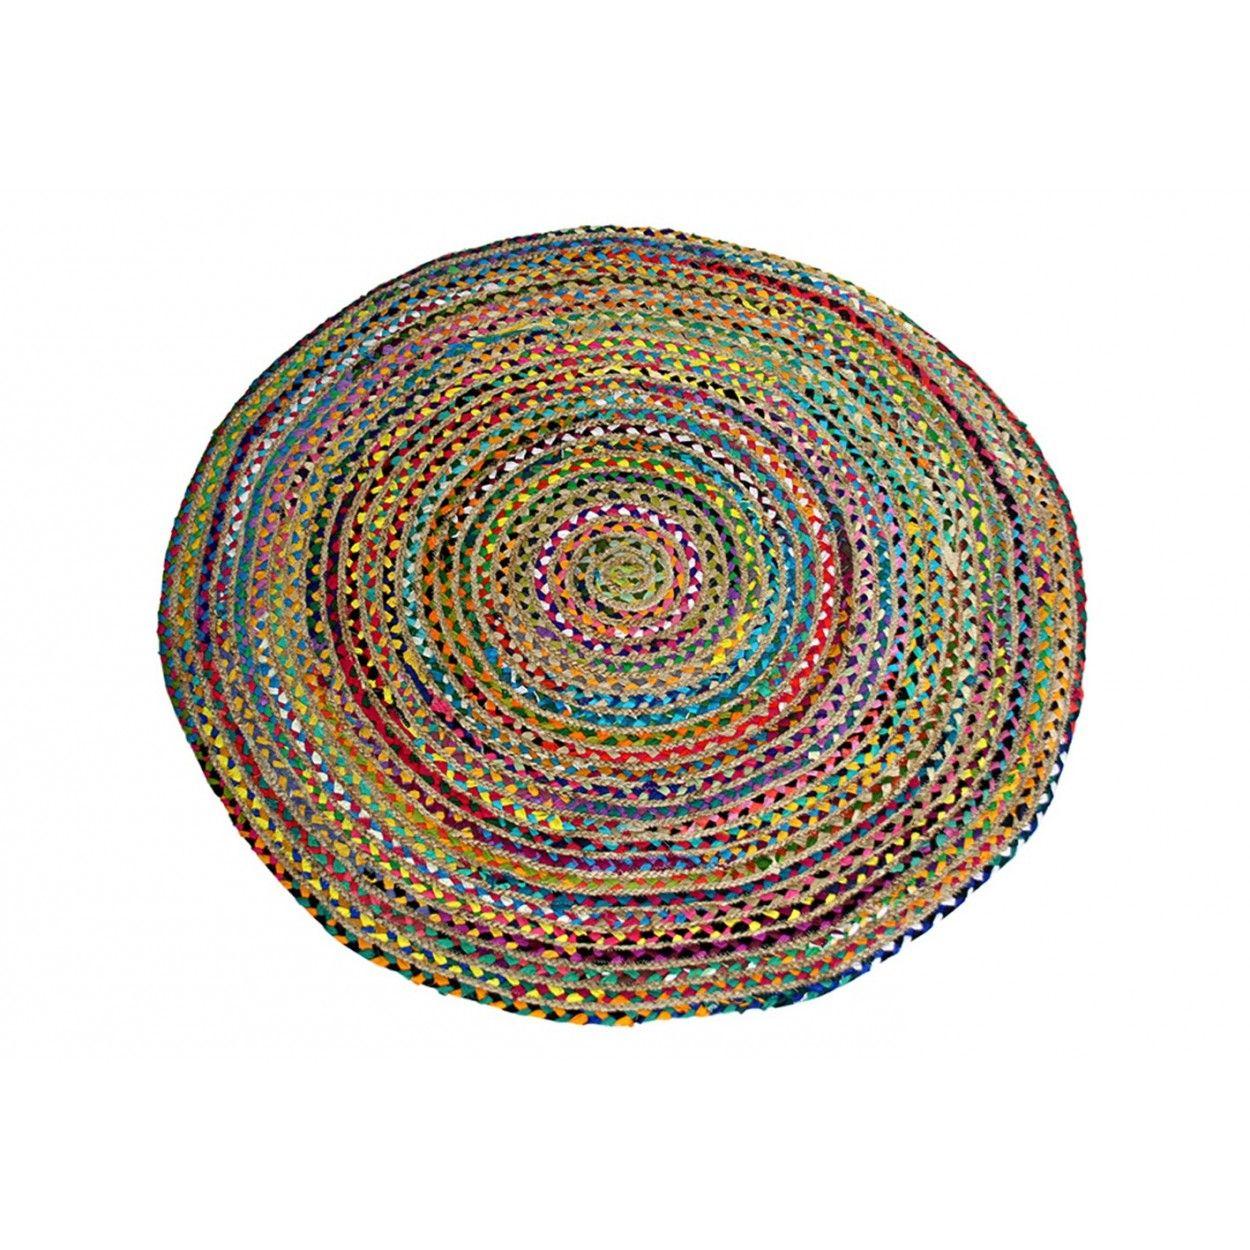 Alfombra redonda algod n y yute colores hogar y mas for Alfombra colores